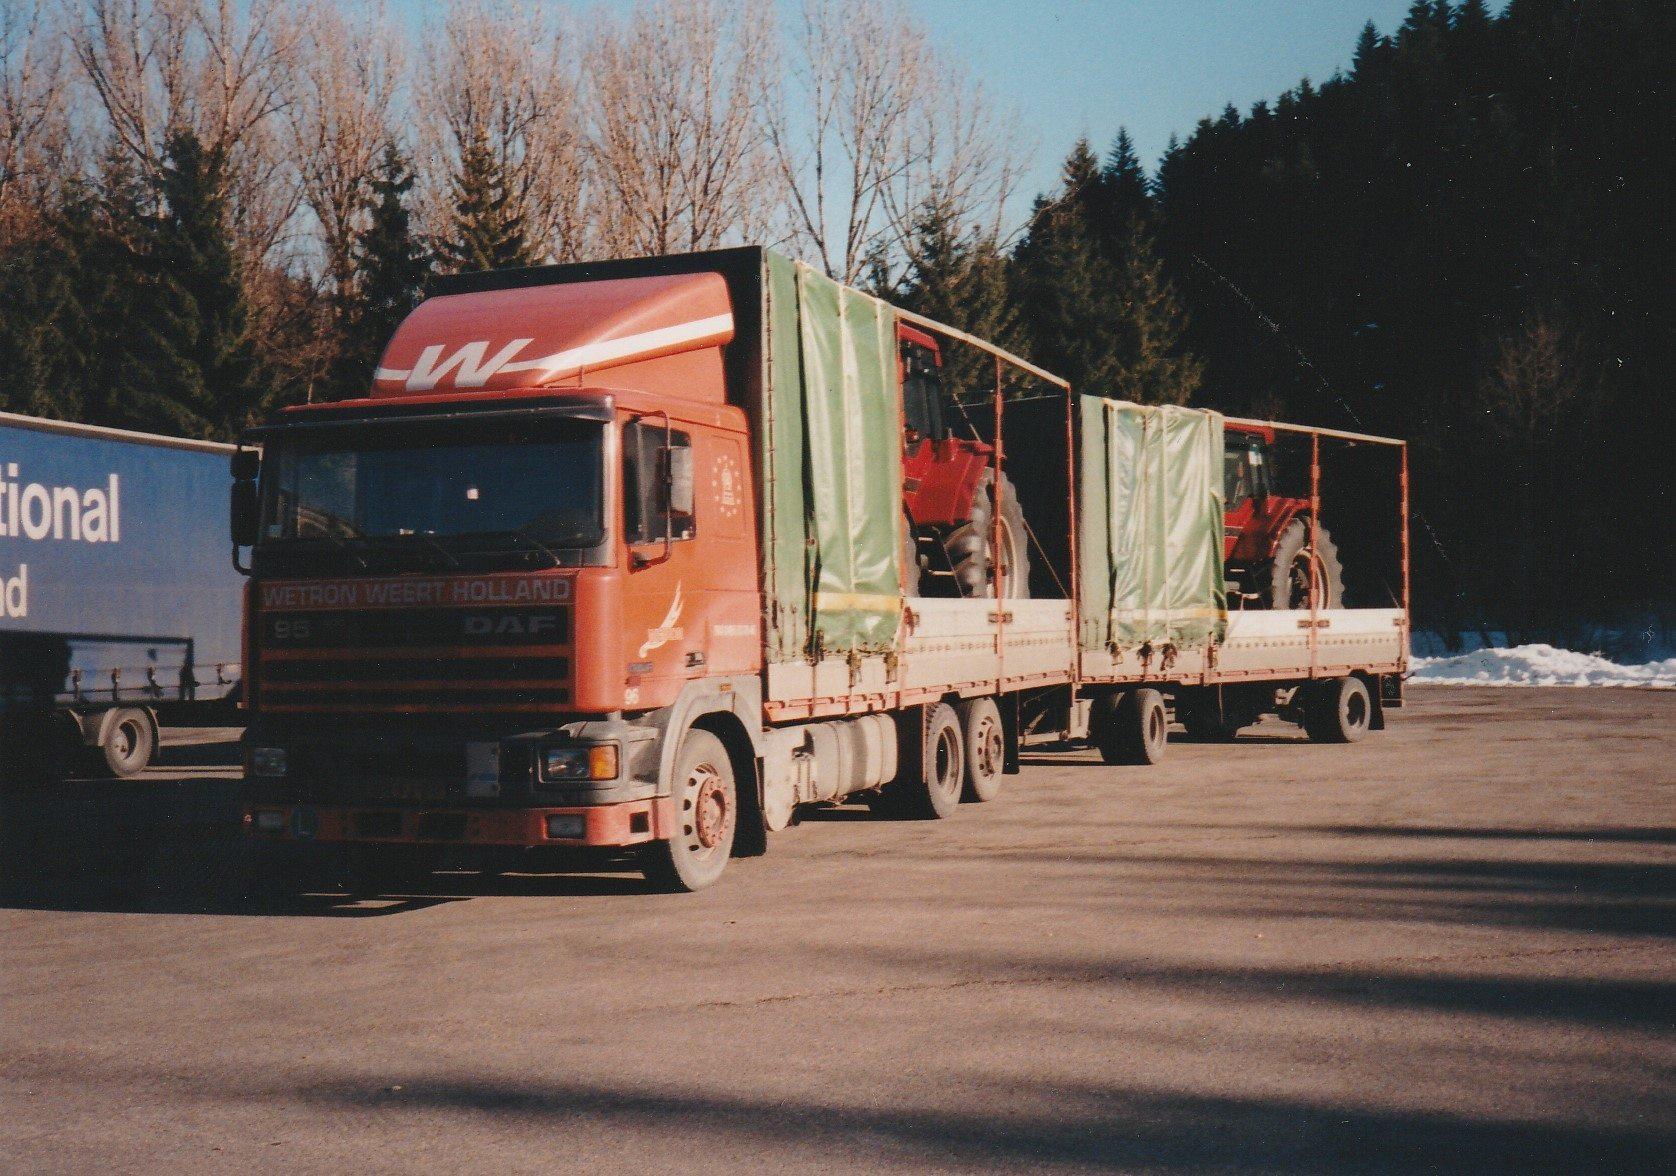 Hans-Anthonise--Tractoren-geladen-in-Le-Havre-Frankrijk-om-te-lossen-in-Italie--Tanken-en-eten-in-Nantua-plus-een-fotomomentje--4